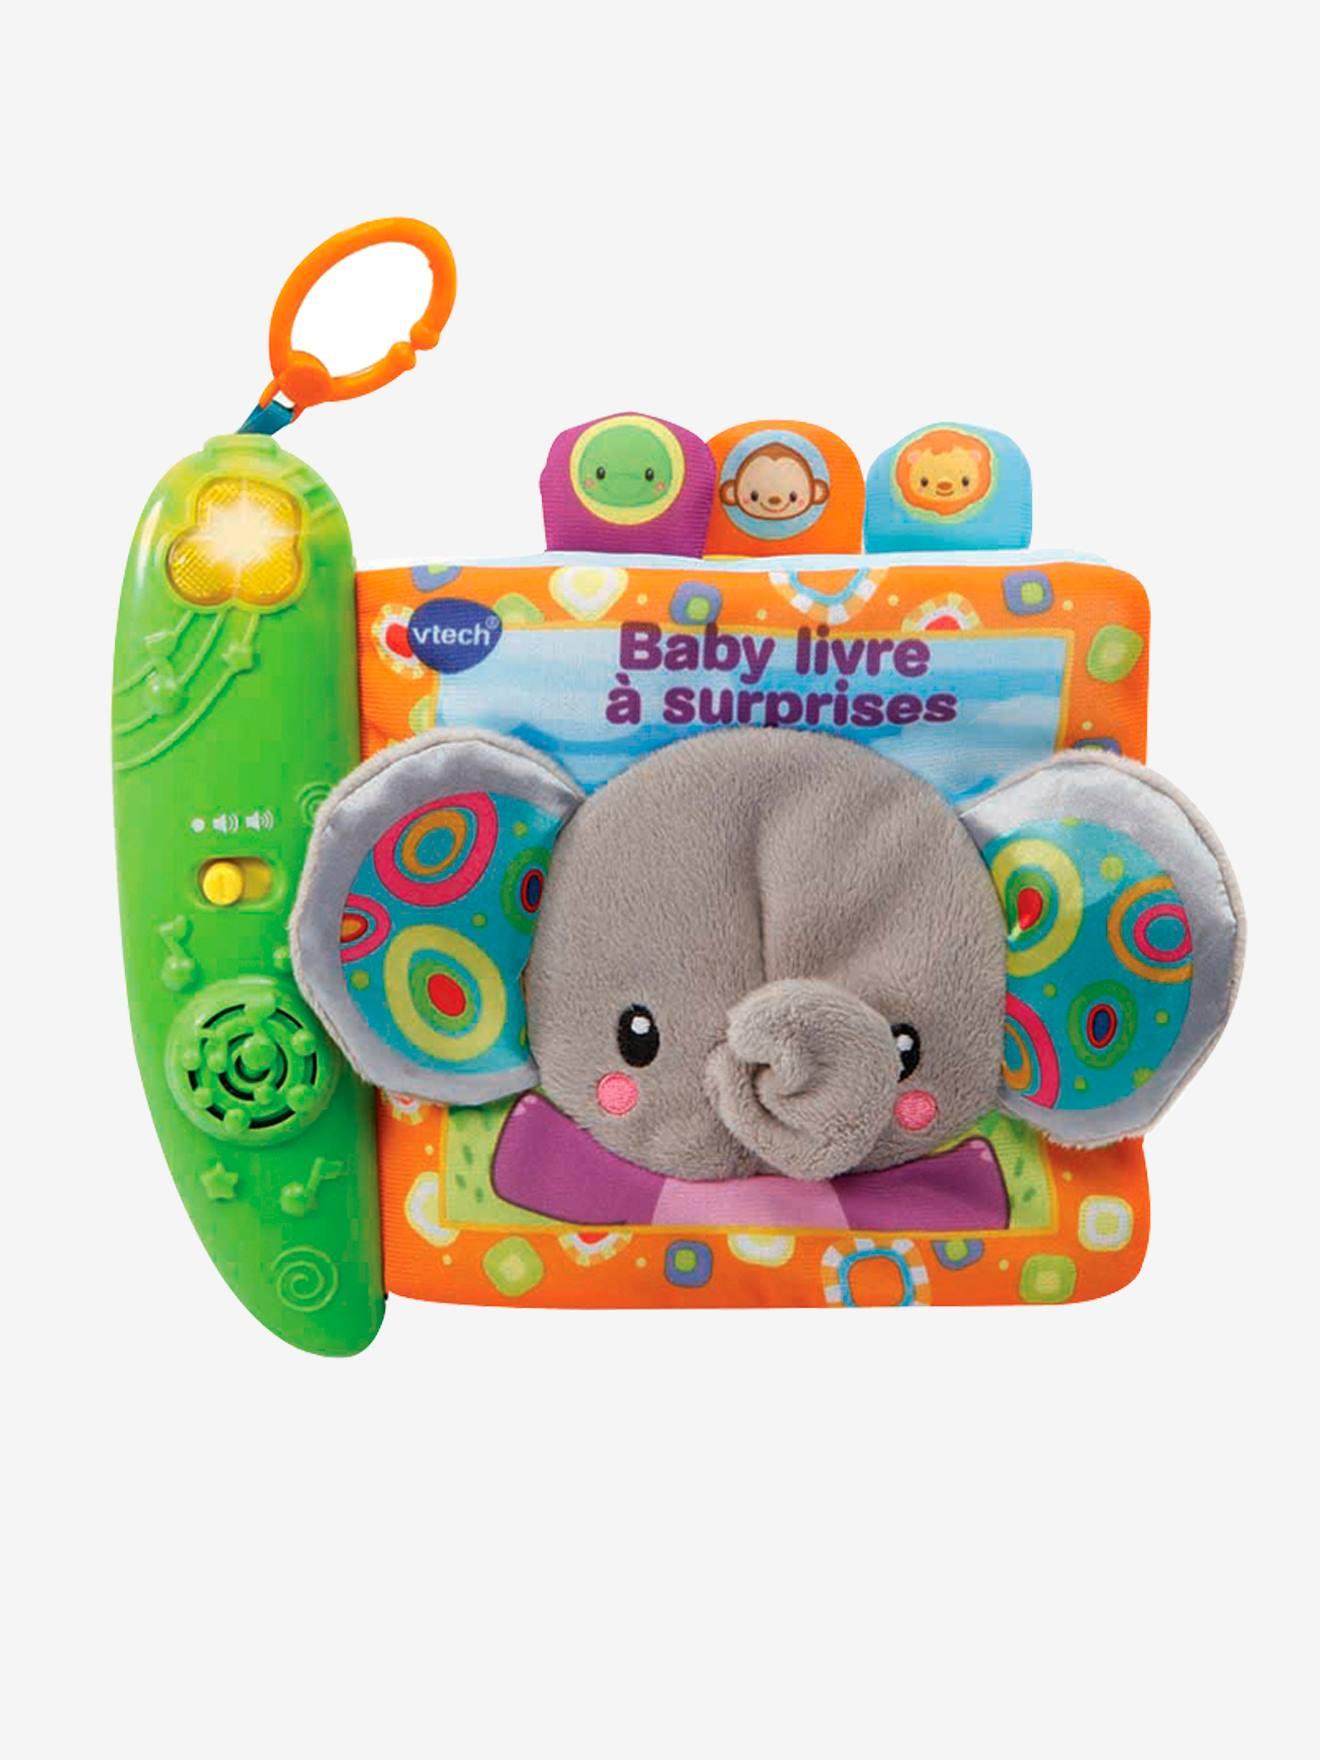 Baby livre à surprises VTECH multicolore